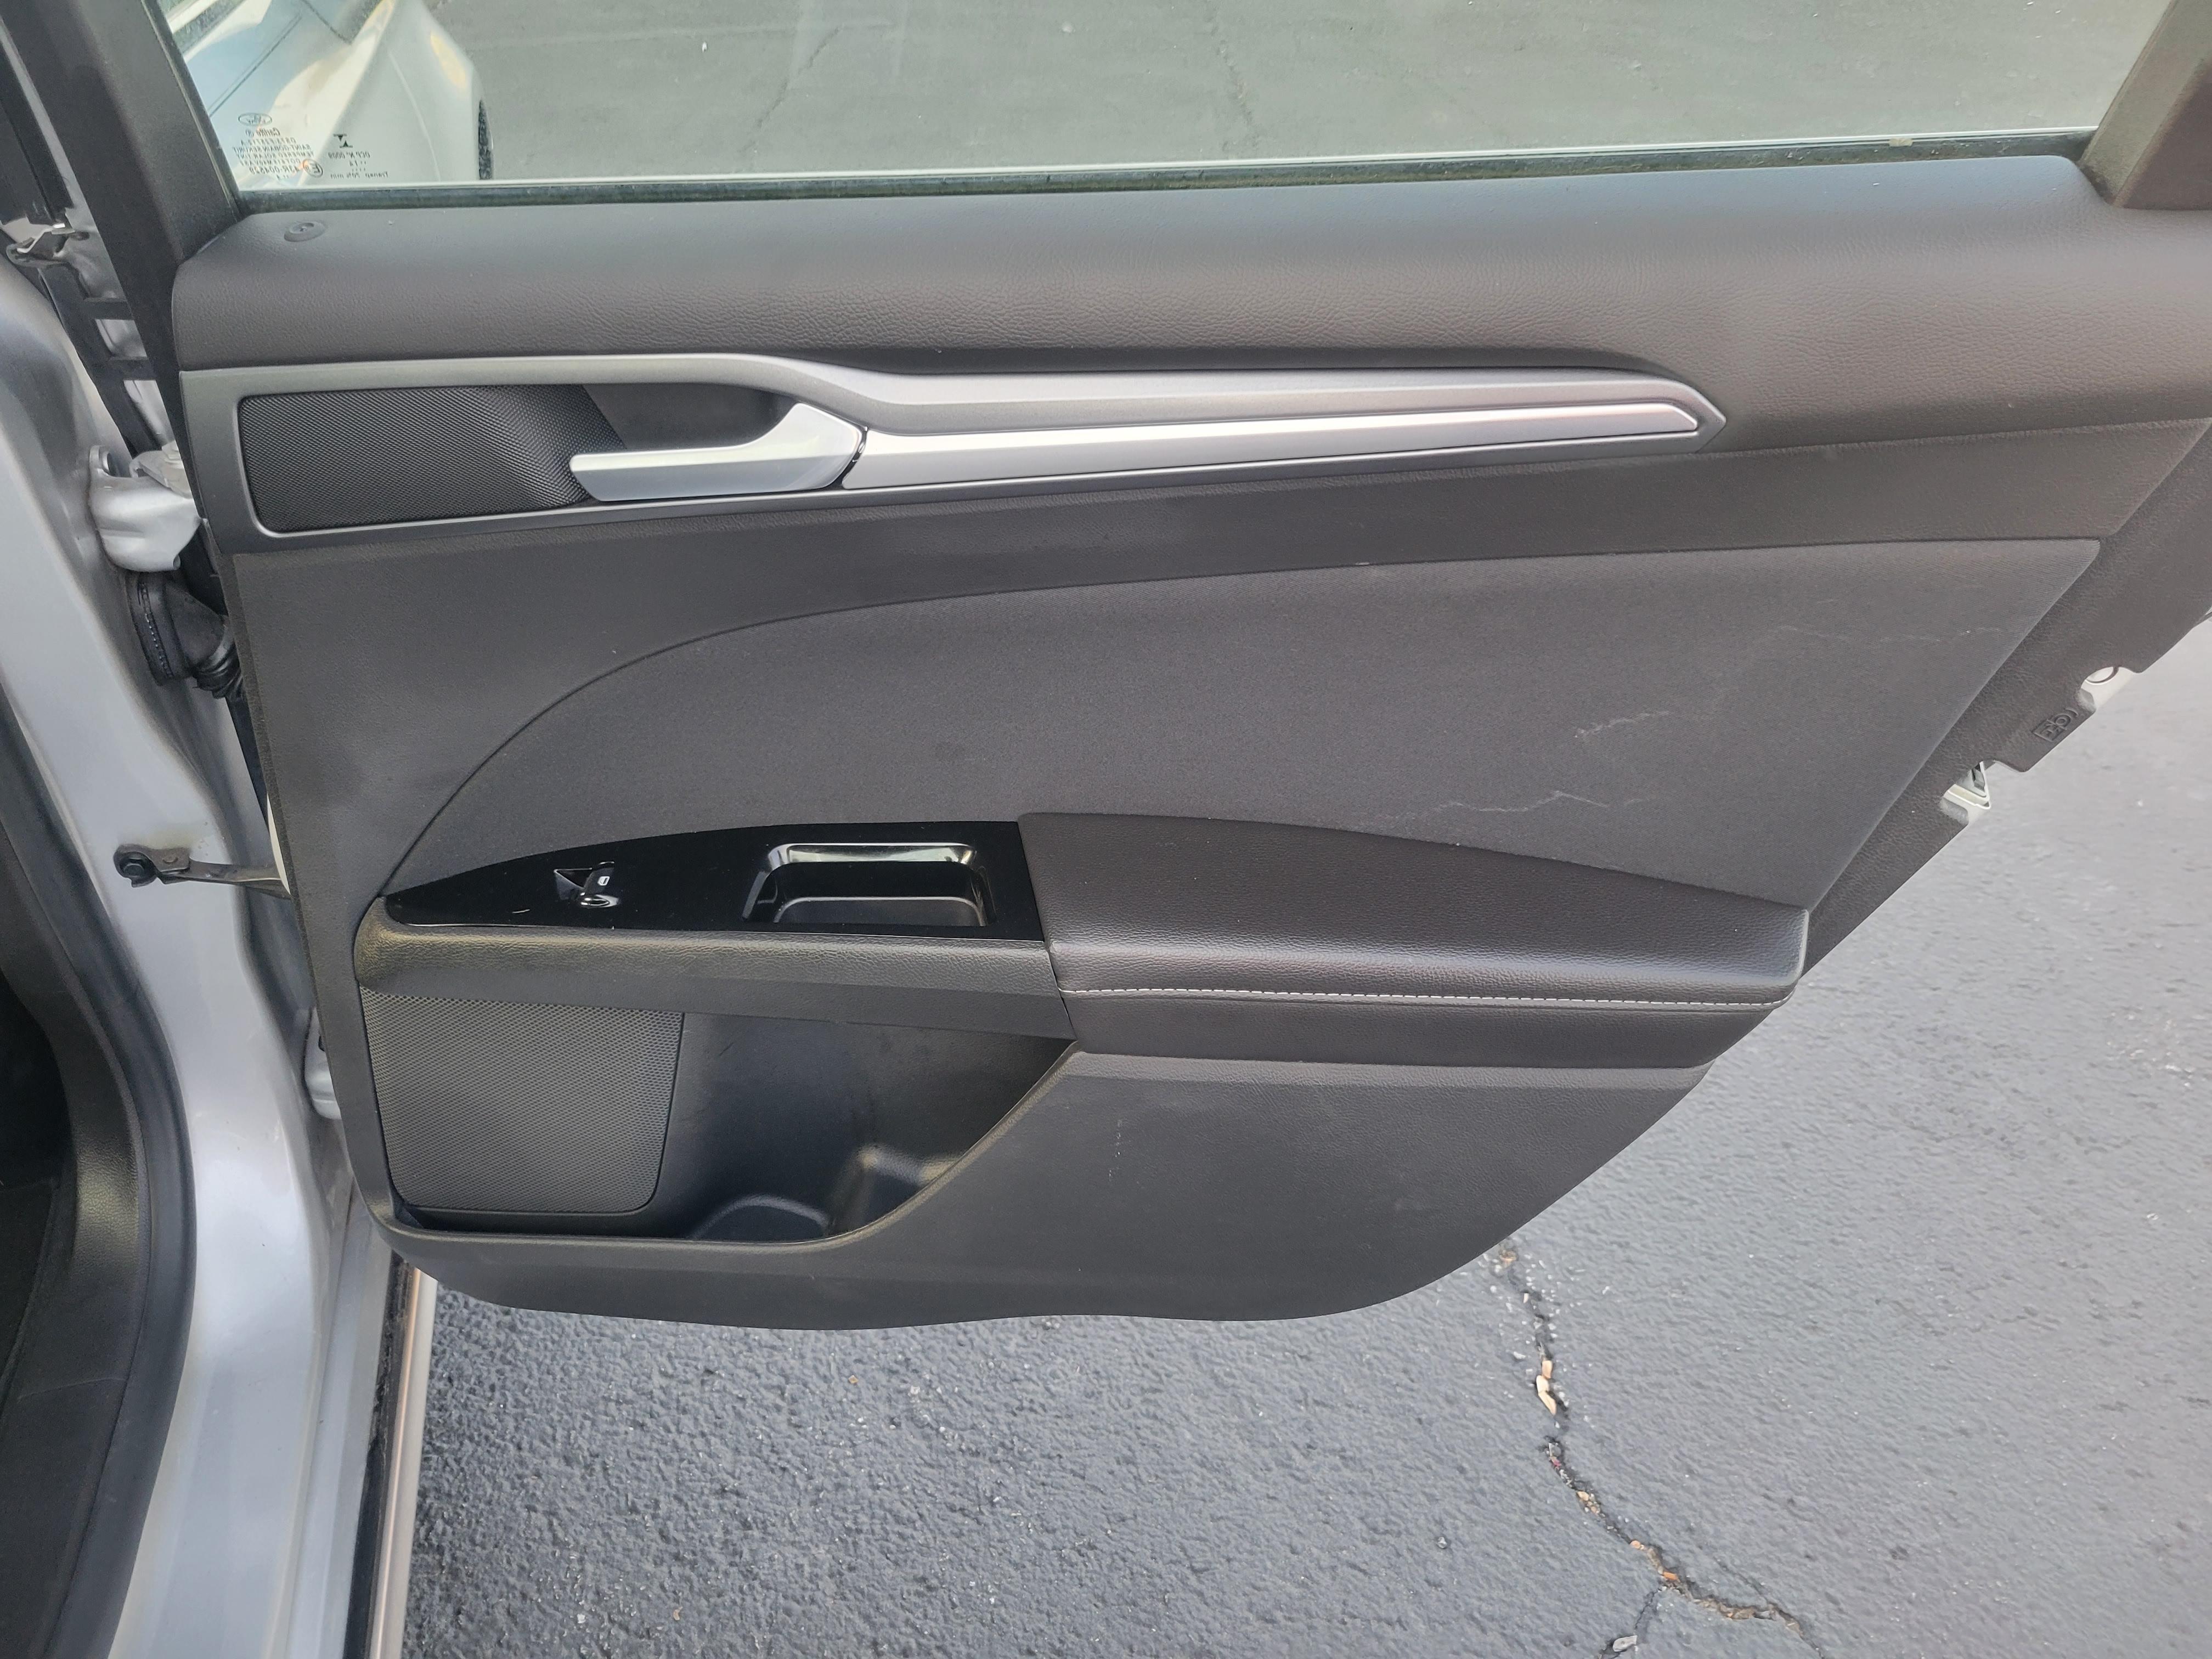 used vehicle - Sedan FORD FUSION 2014